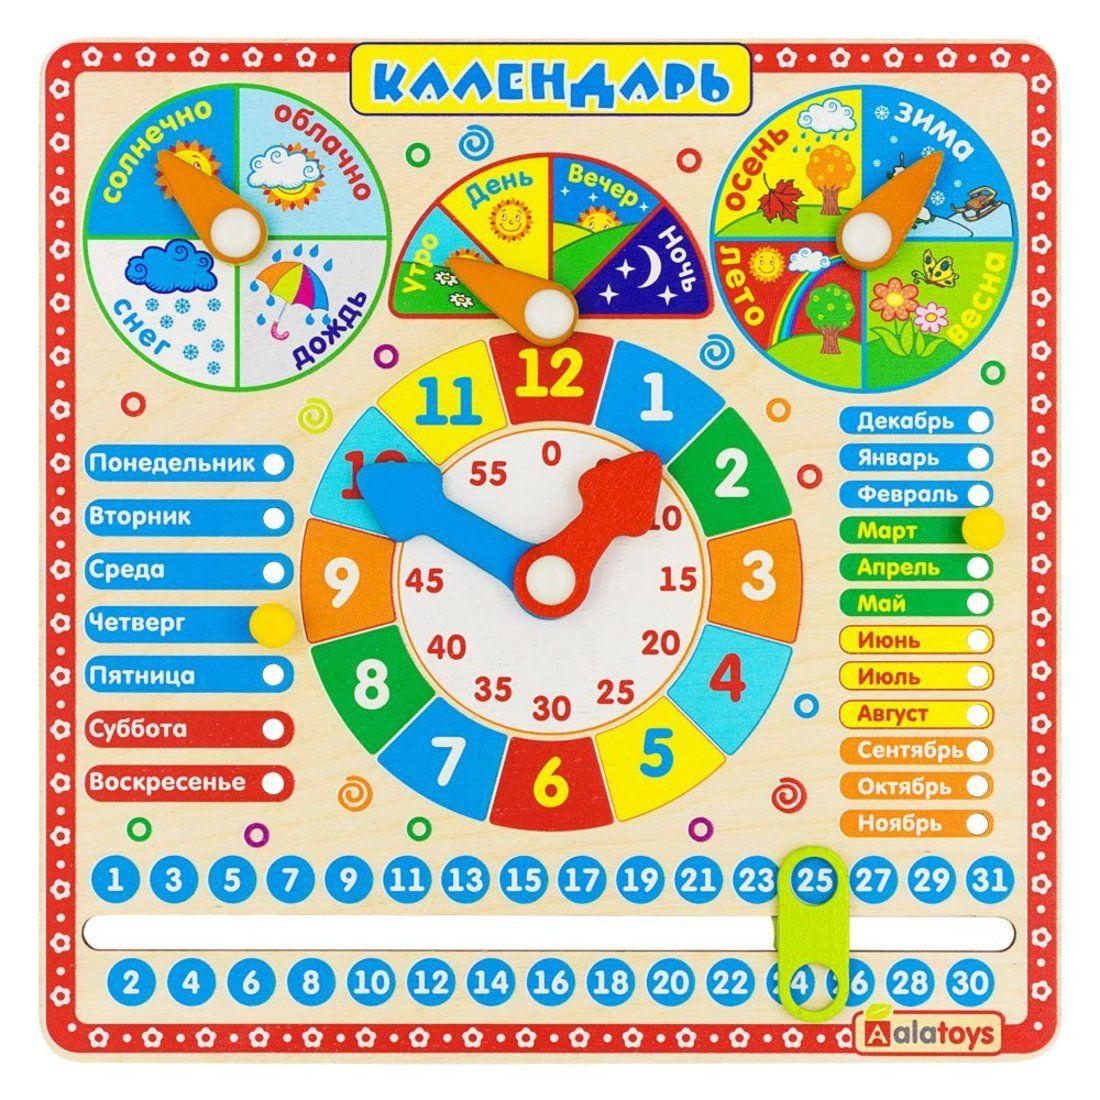 Бизиборд Календарь, 210*210*16 мм